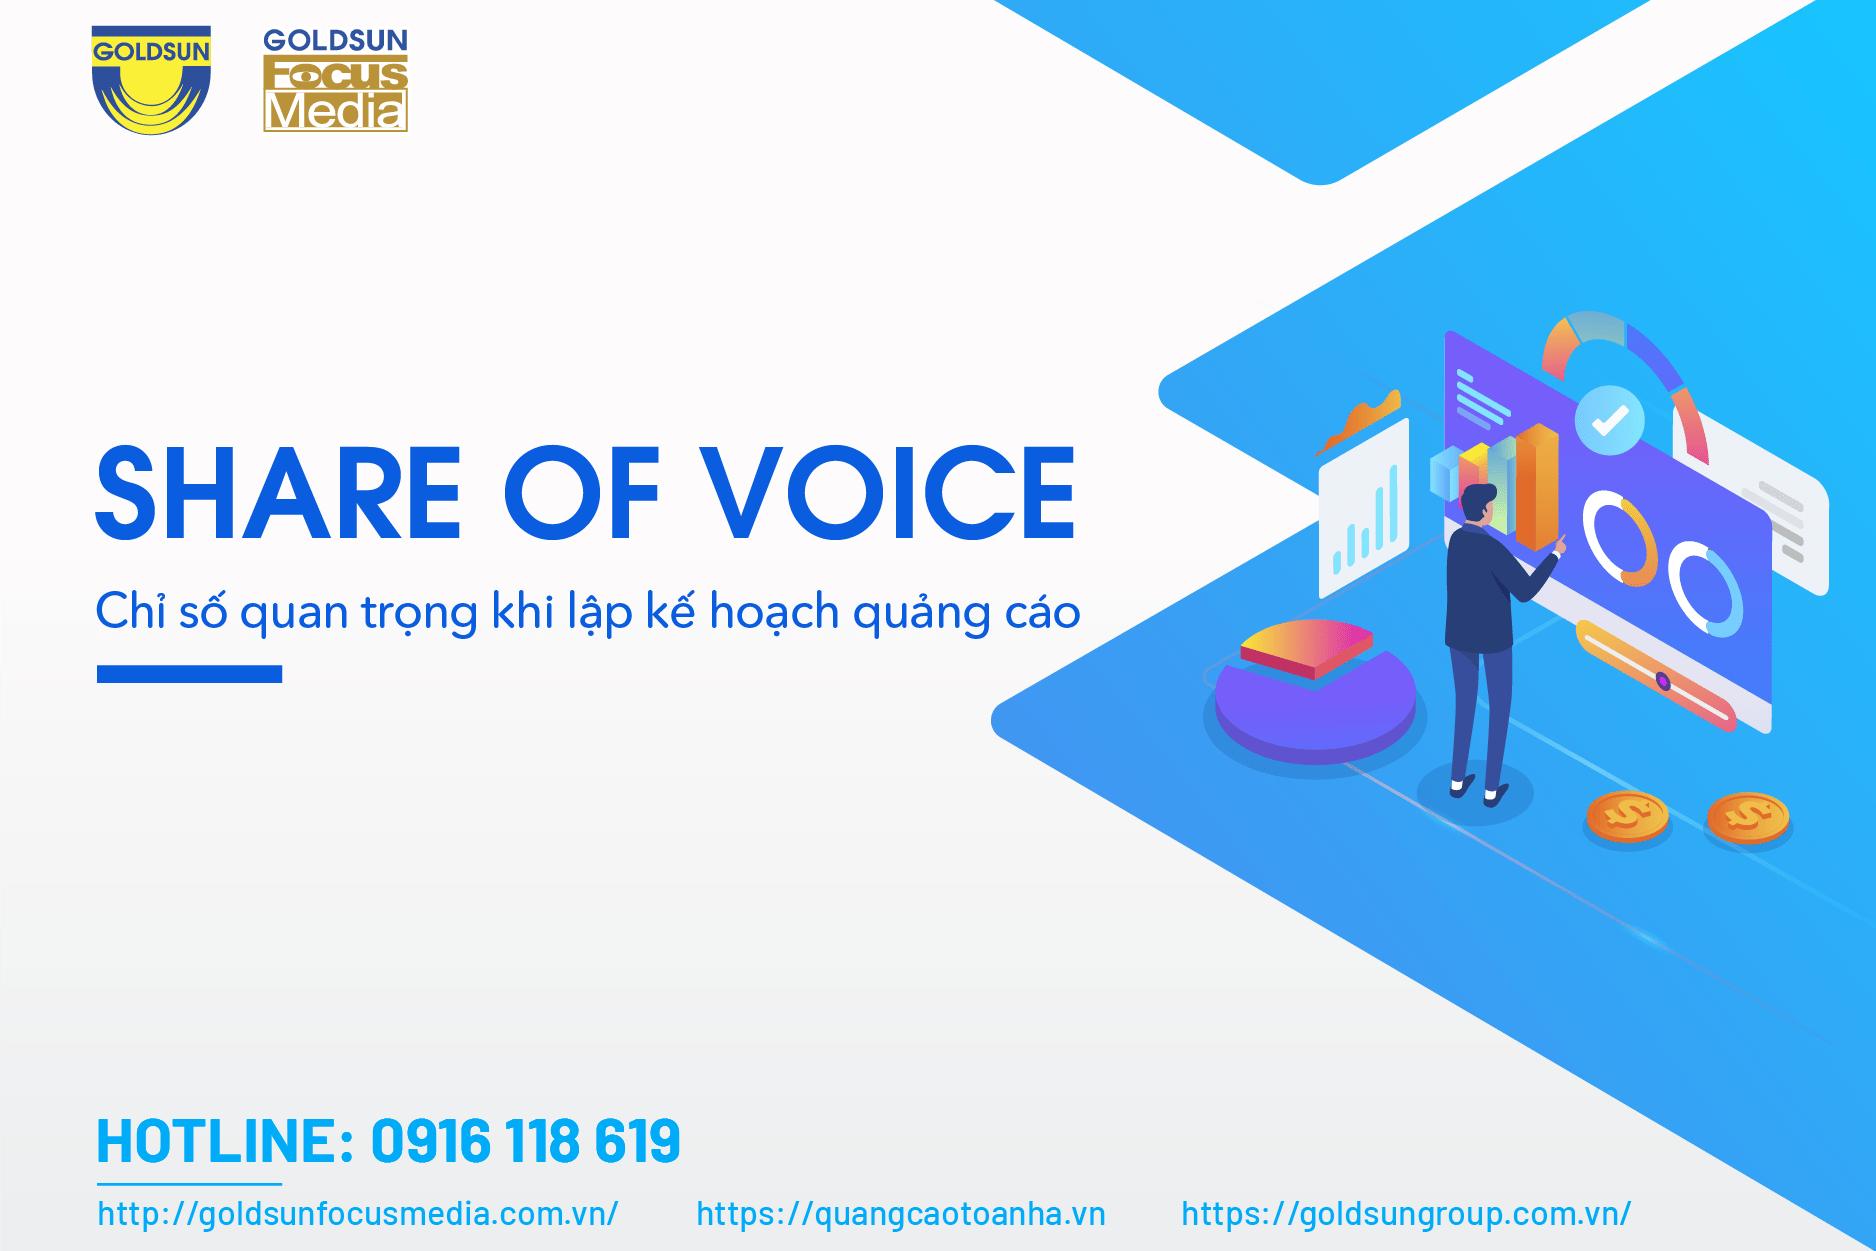 Share of Voices - Chỉ số quan trọng khi lập kế hoạch quảng cáo